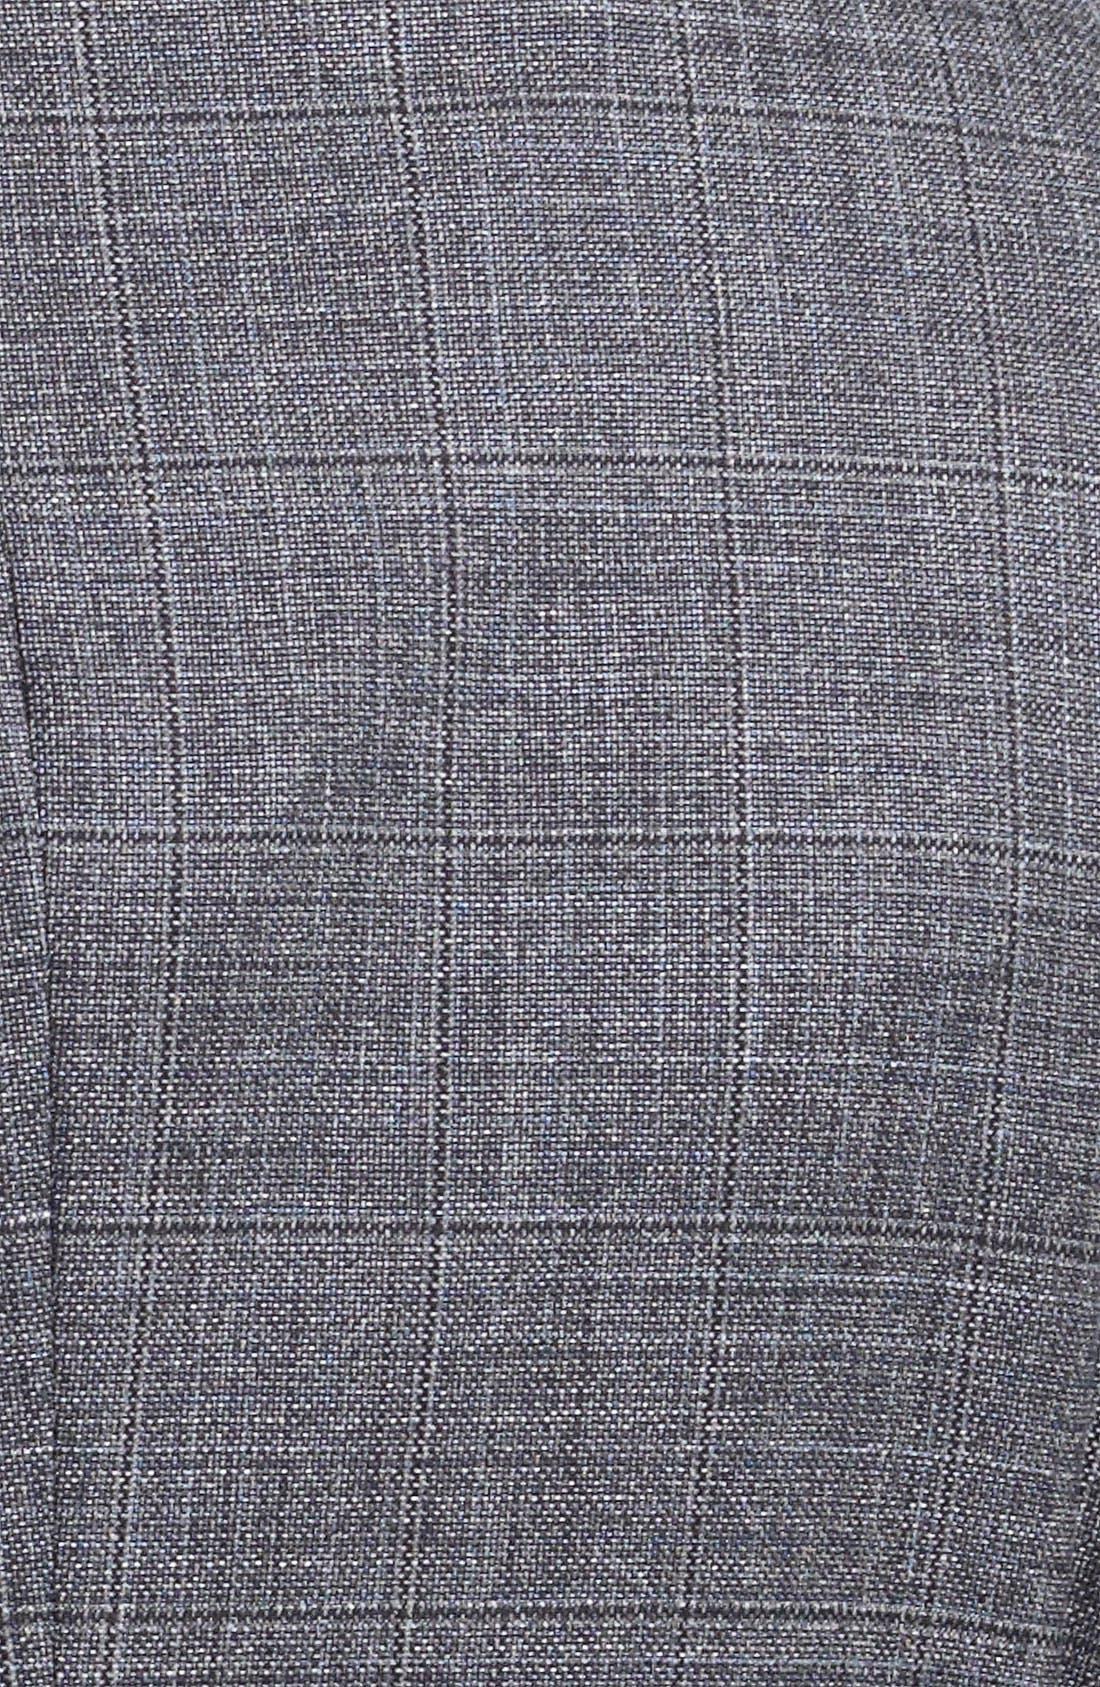 EMPORIO ARMANI, Armani Collezioni Windowpane Wool & Silk Sportcoat, Alternate thumbnail 3, color, 026